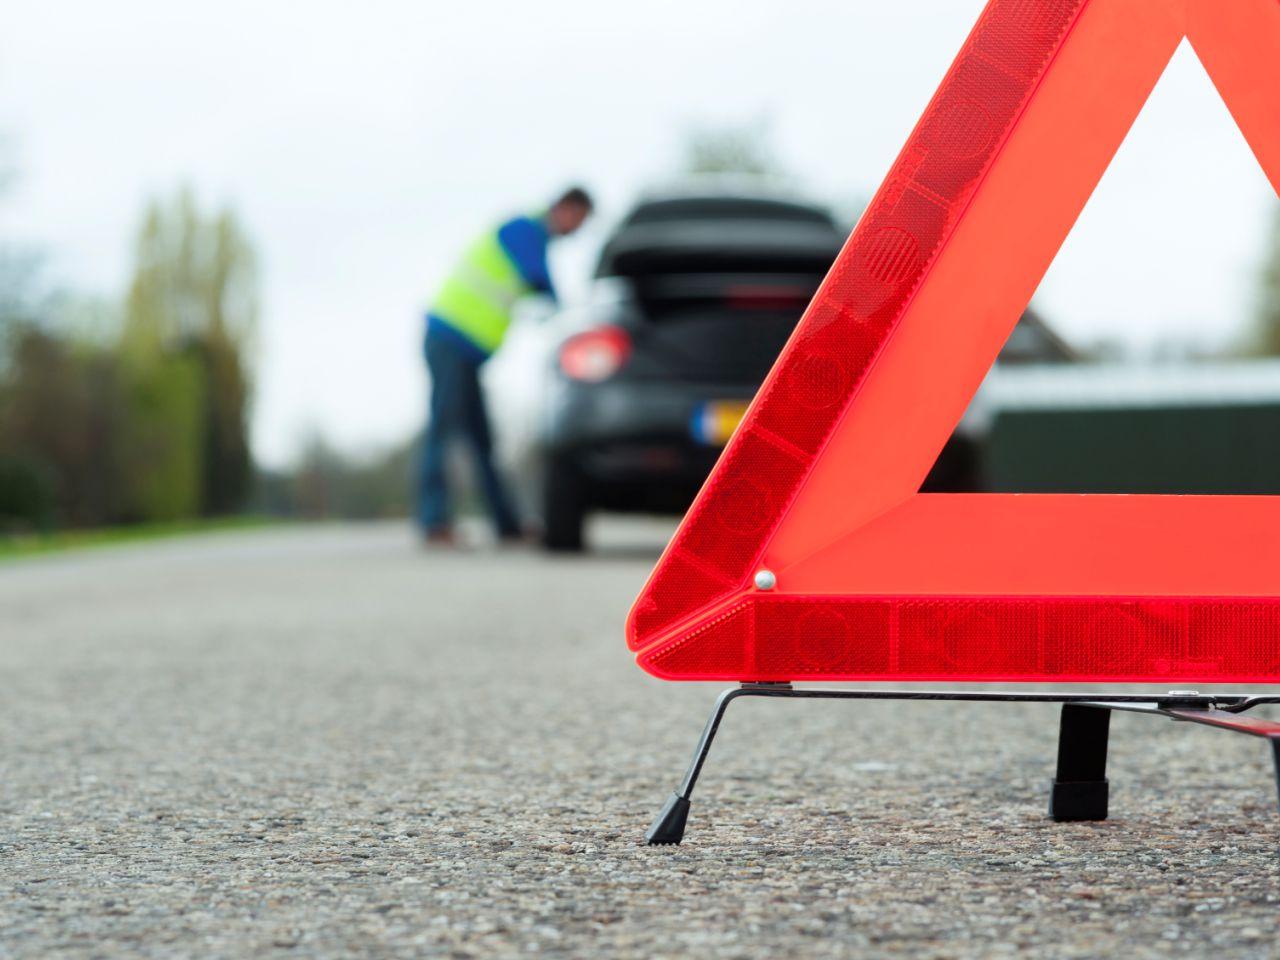 В Погарском районе столкнулись две легковушки: пострадала 25-летняя девушка